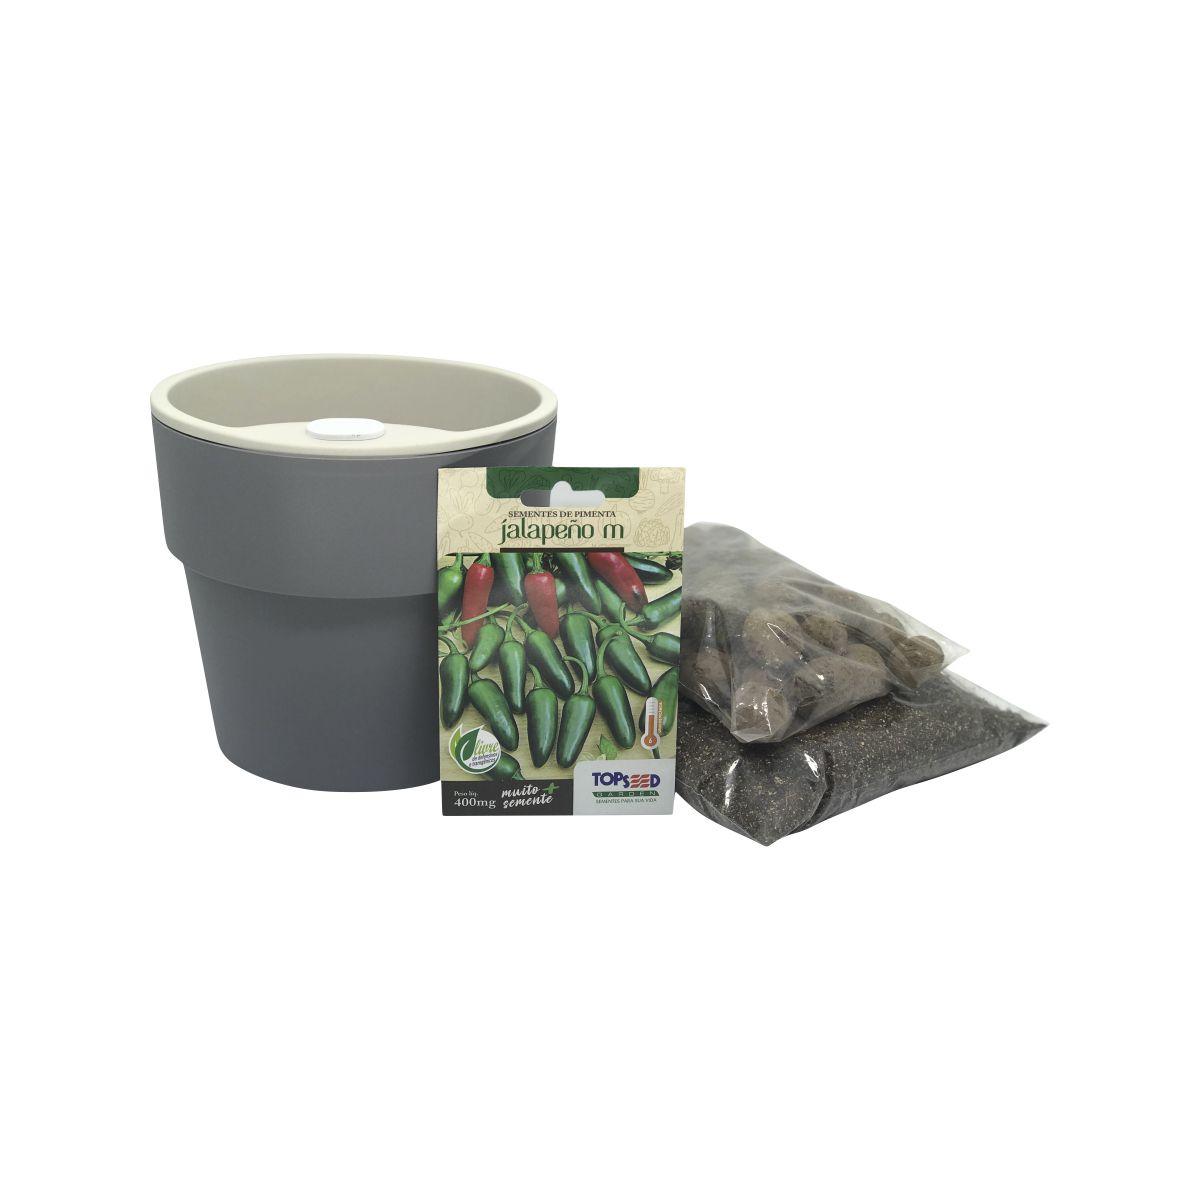 Kit completo Meu Primeiro Plantio de Pimenta Jalapeño com Vaso Autoirrigável Chumbo Linha Plantar